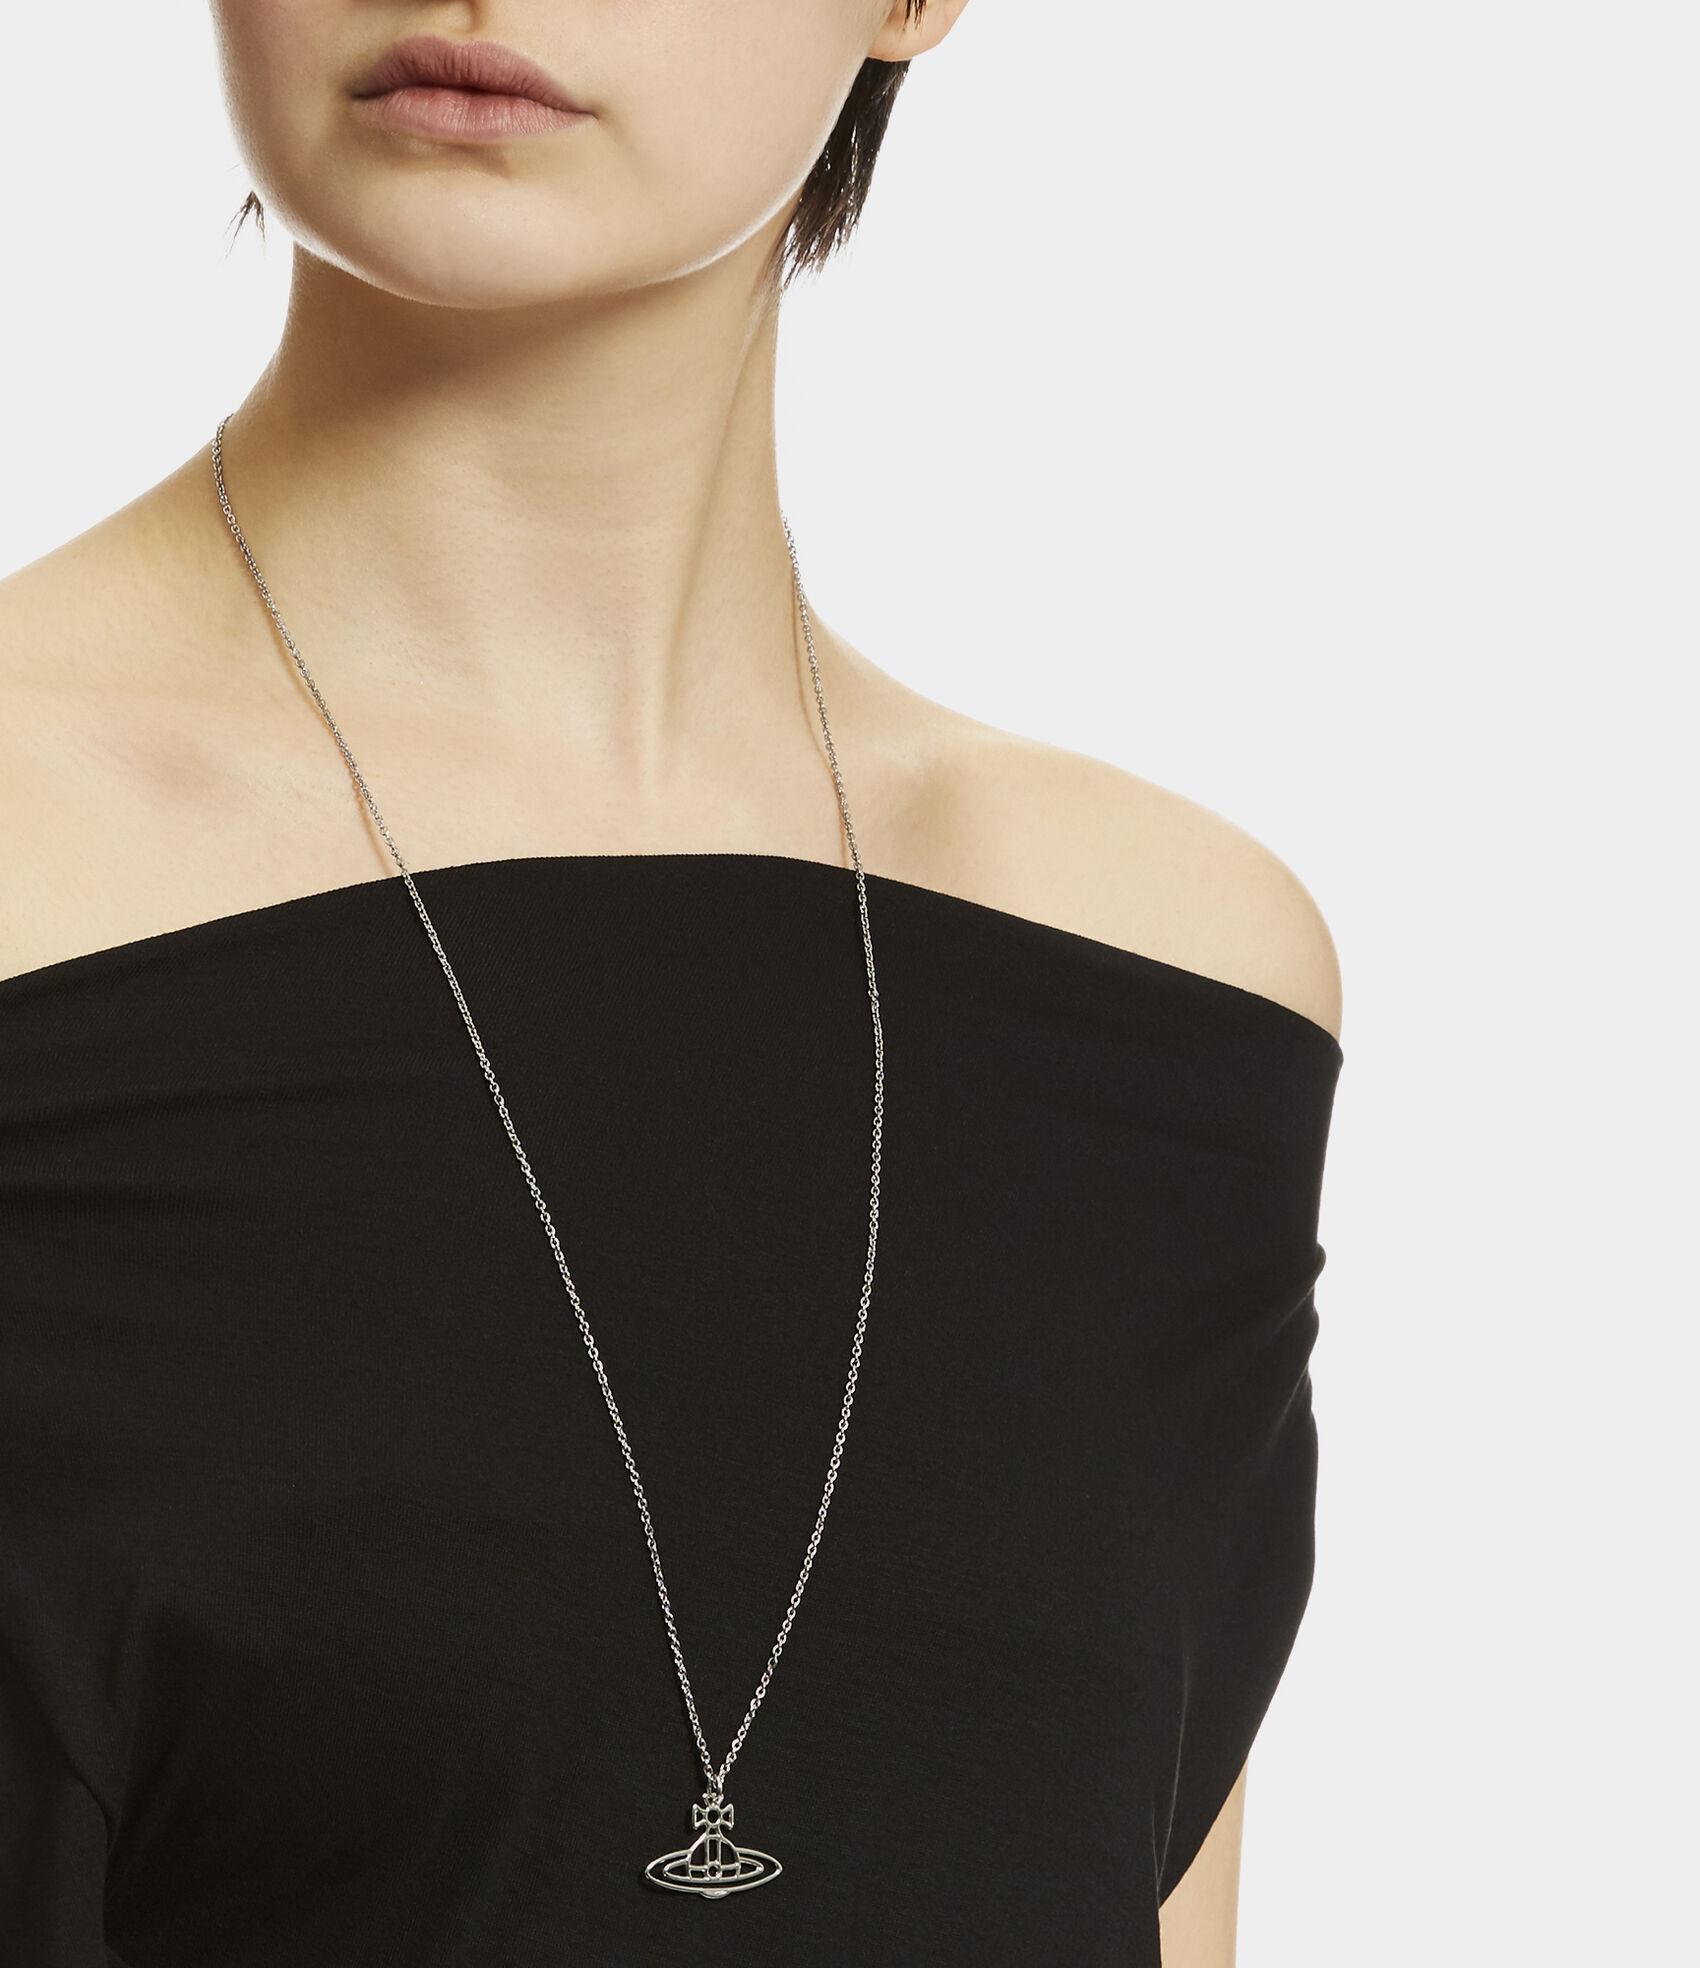 17c7d5bfd31df9 Thin Lines Flat Orb Pendant | Women's Necklaces | Vivienne Westwood